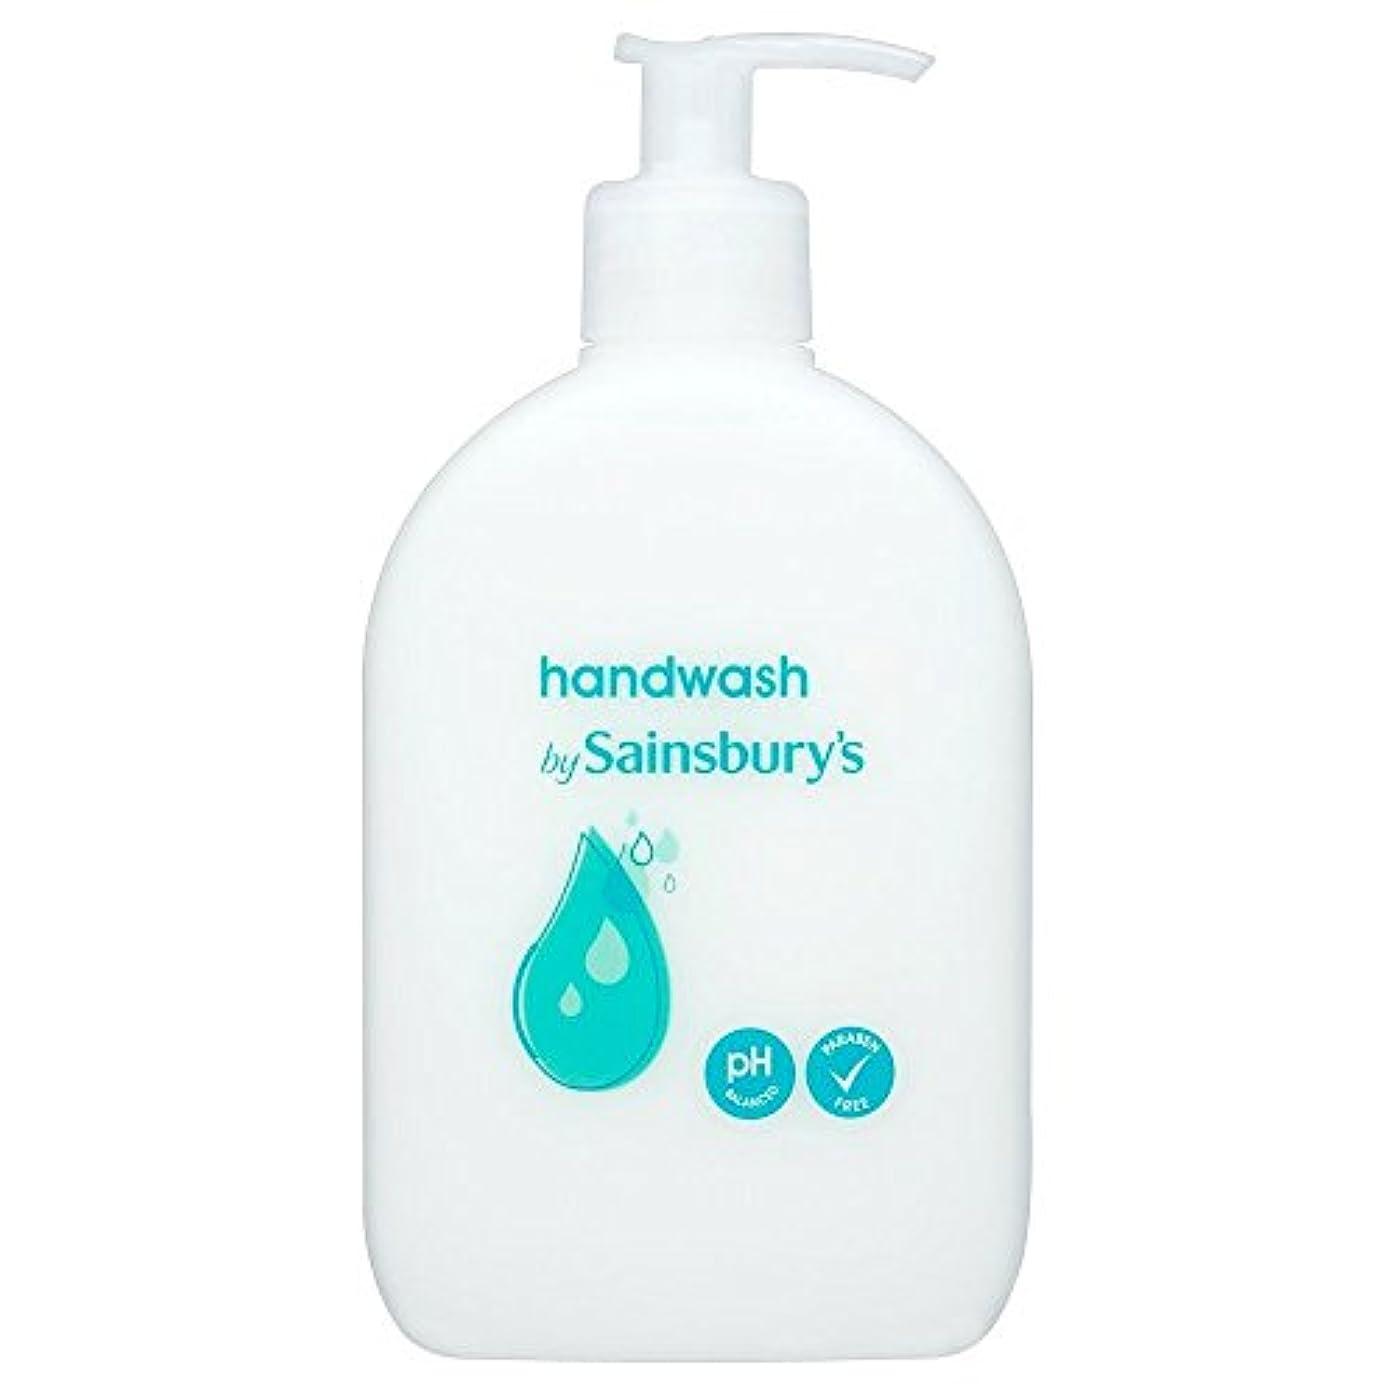 キャプチャー山積みの劣るSainsbury's Handwash, White 500ml (Pack of 2) - (Sainsbury's) 手洗い、白500ミリリットル (x2) [並行輸入品]